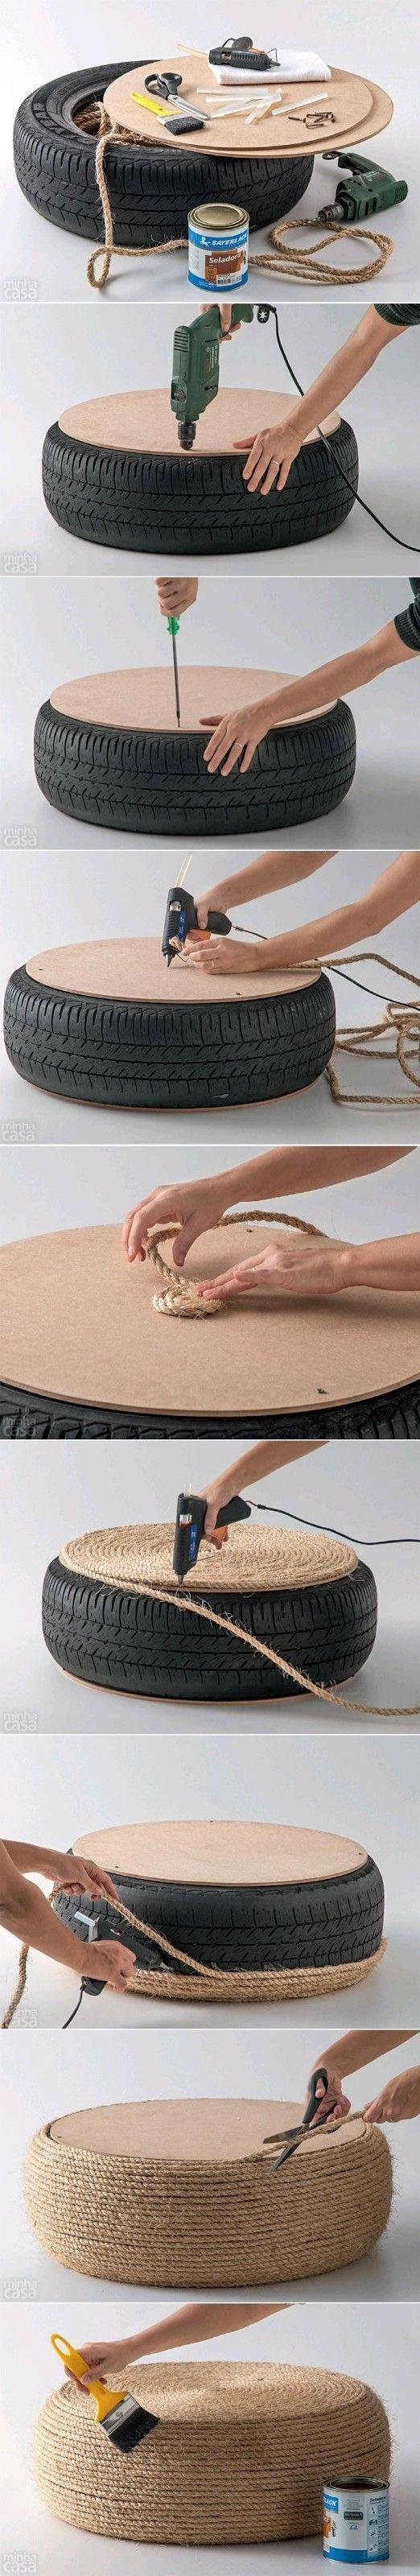 Aus einem alten Reifen wird ein Hocker ...